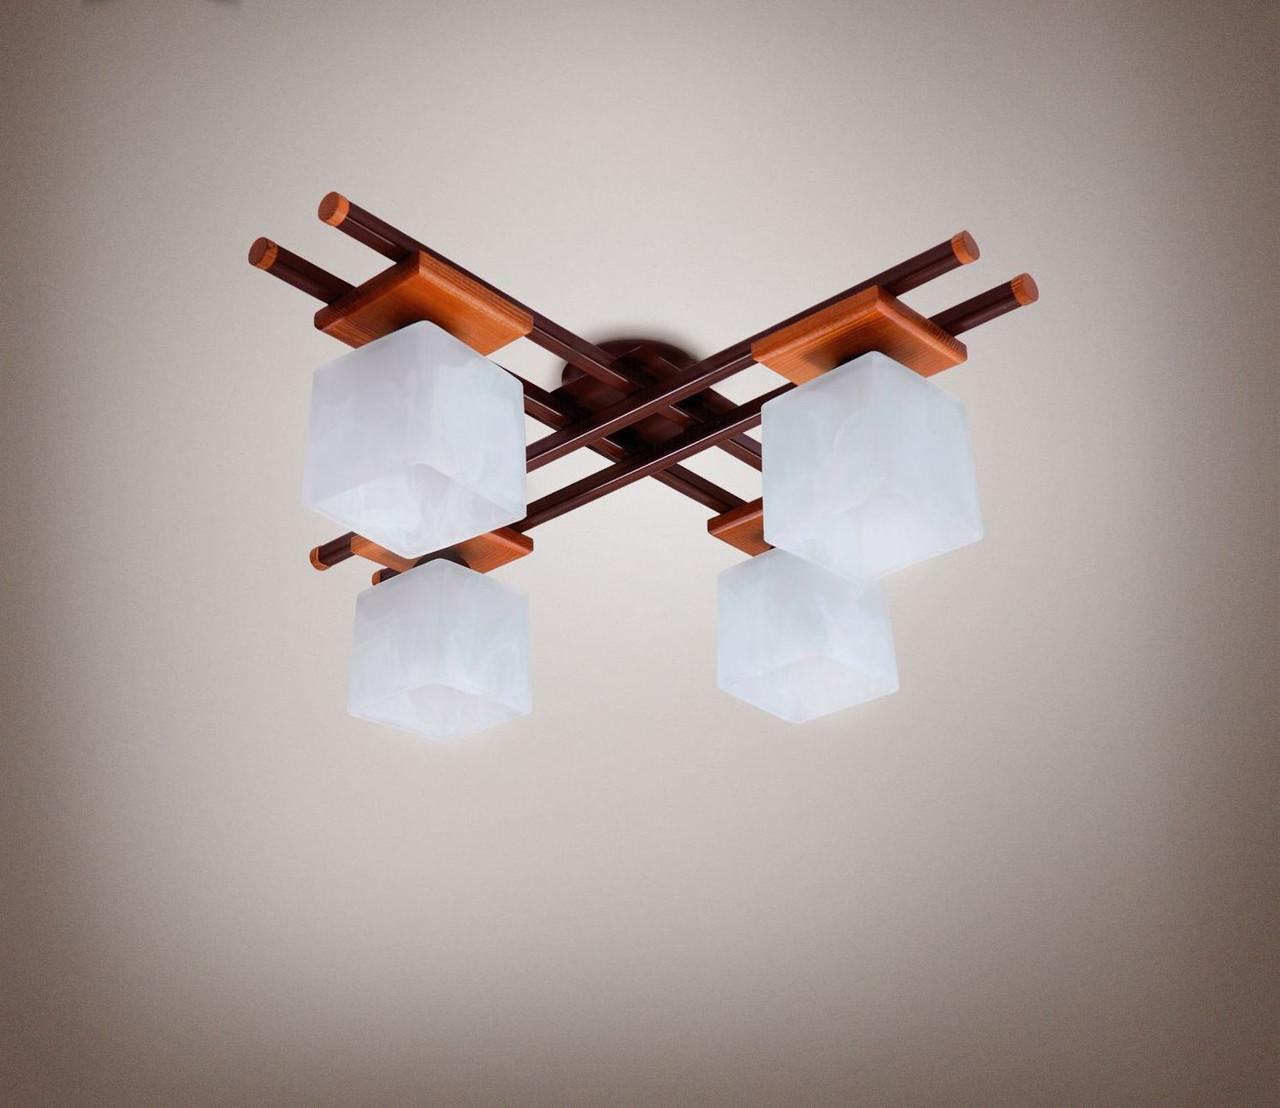 Люстра 4-х ламповая, металлическая, с деревом, спальня, зал, кухня, гостиная 14666-3